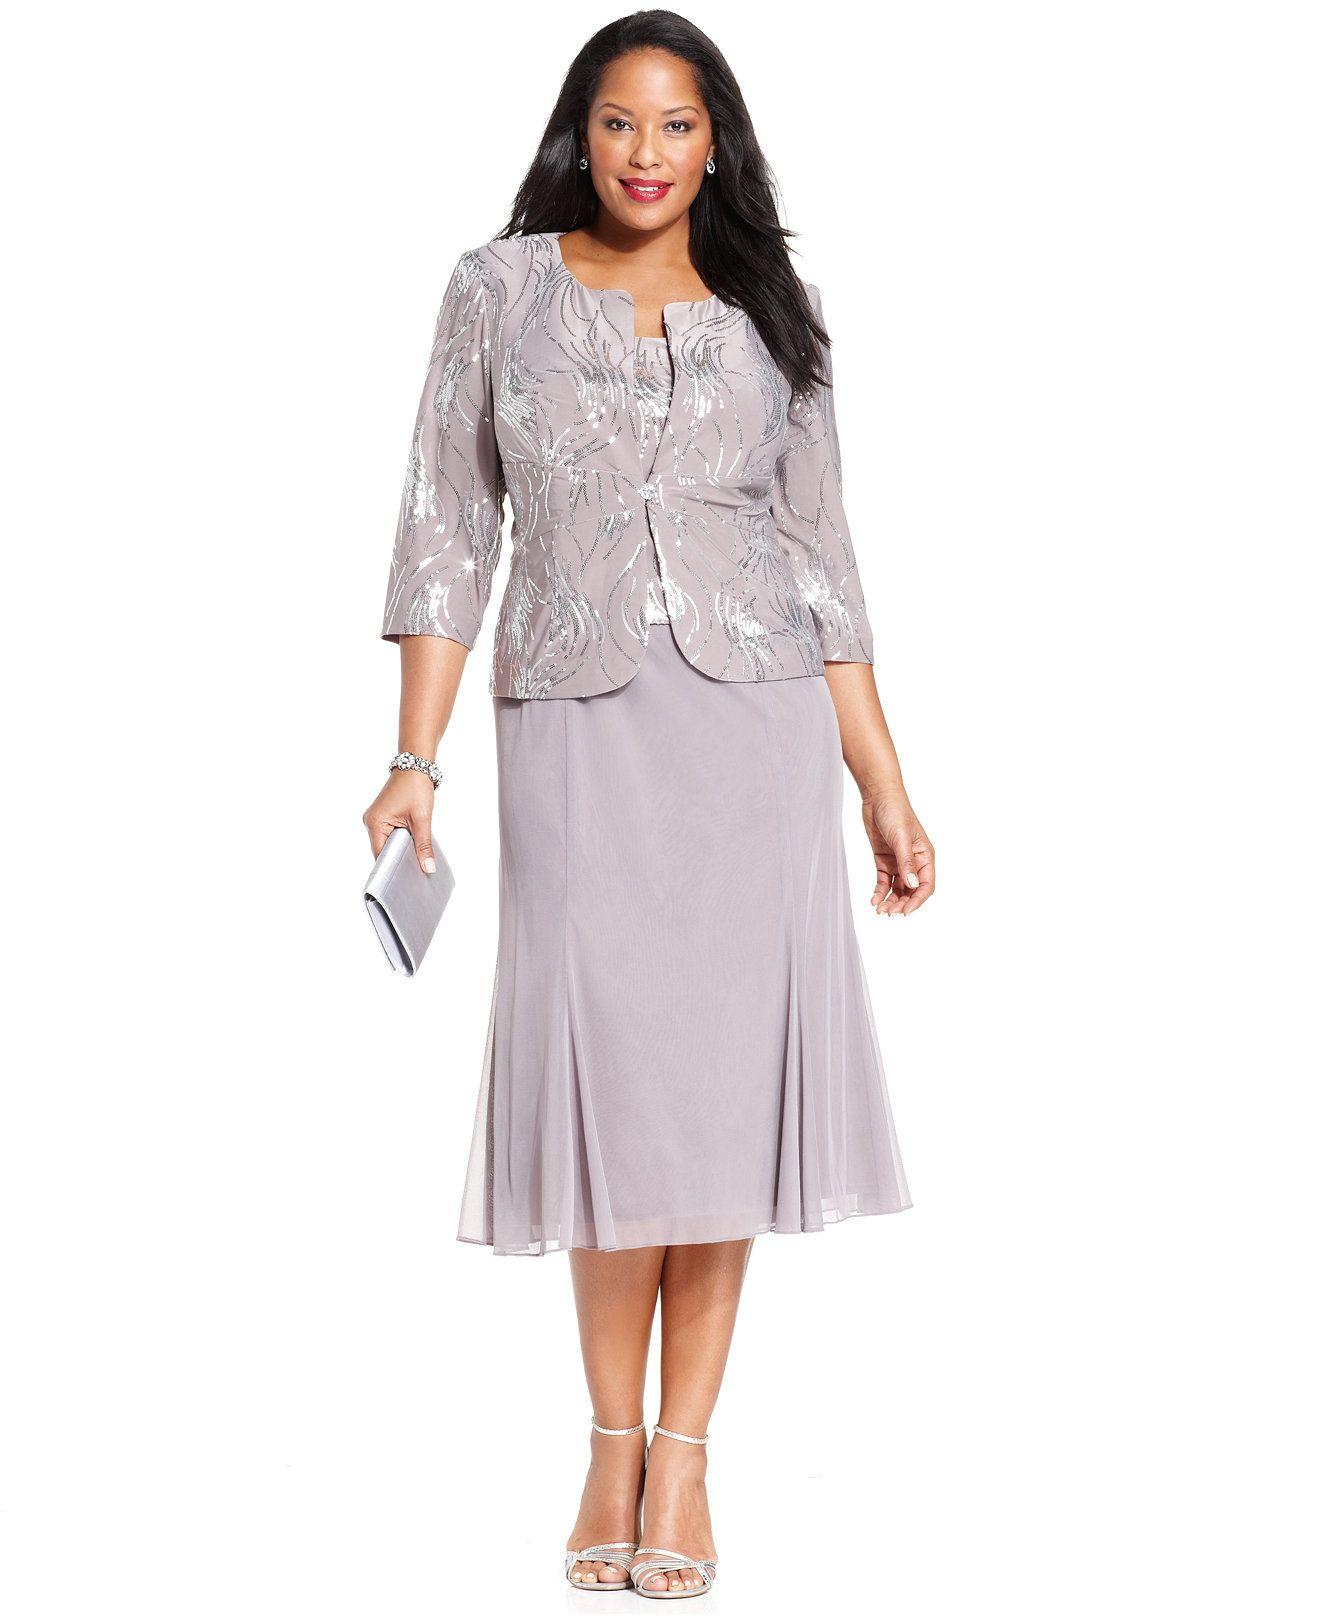 Plus Size Sequined Chiffon Dress and Jacket | Alex evenings, Chiffon ...